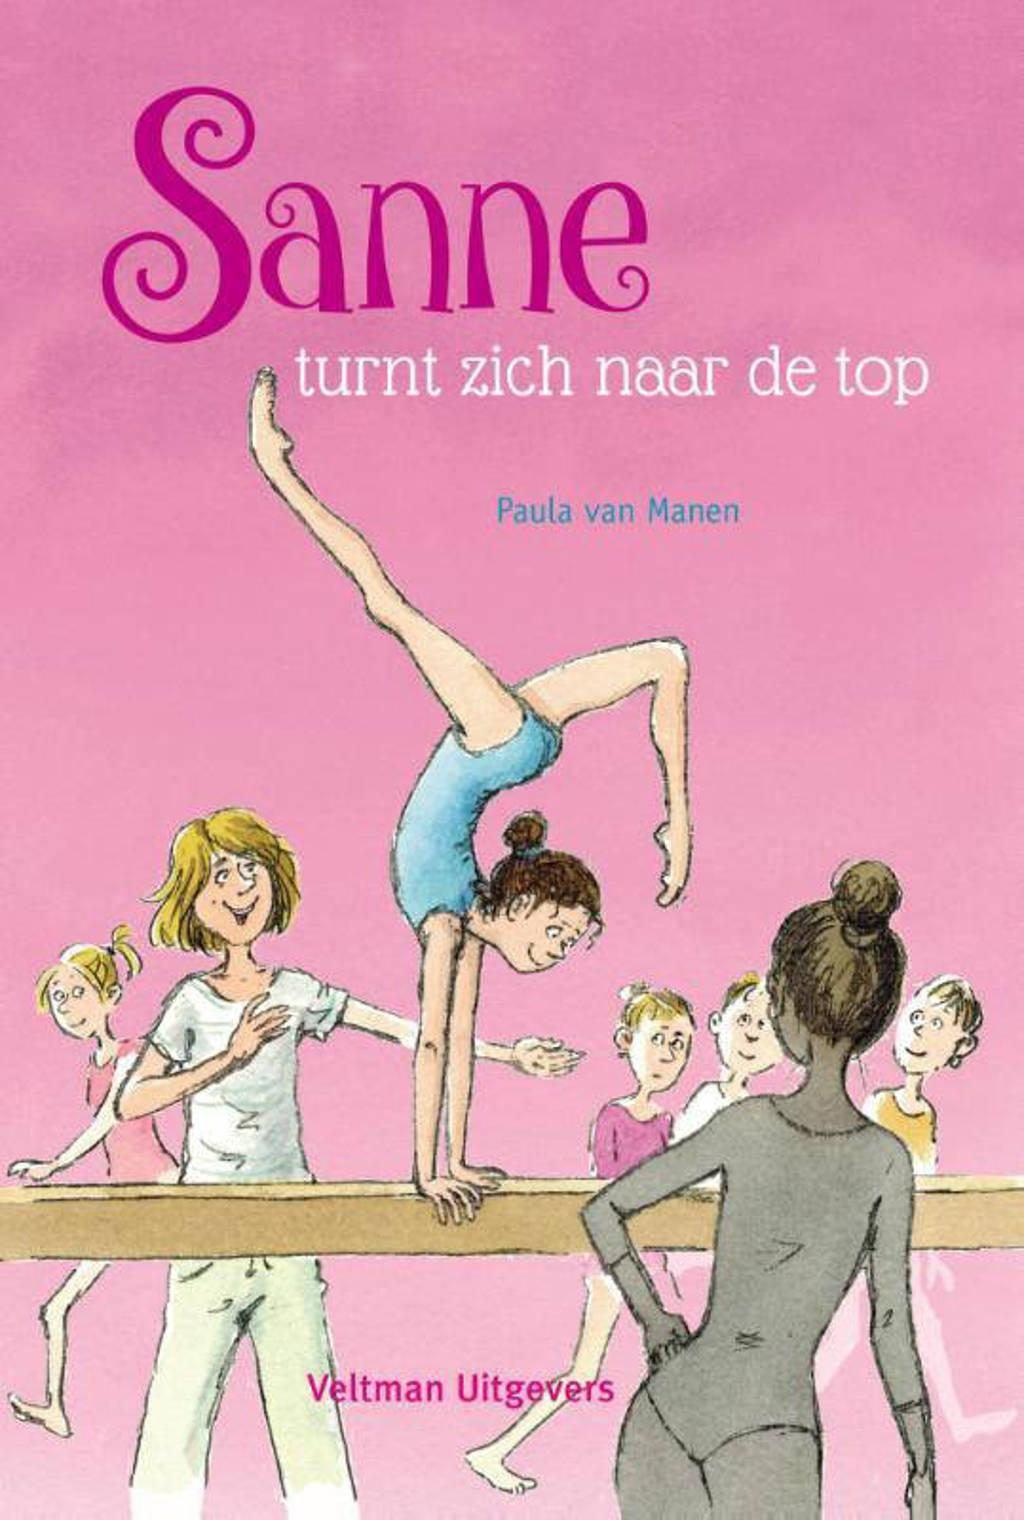 Sanne turnt zich naar de top - Paula van Manen